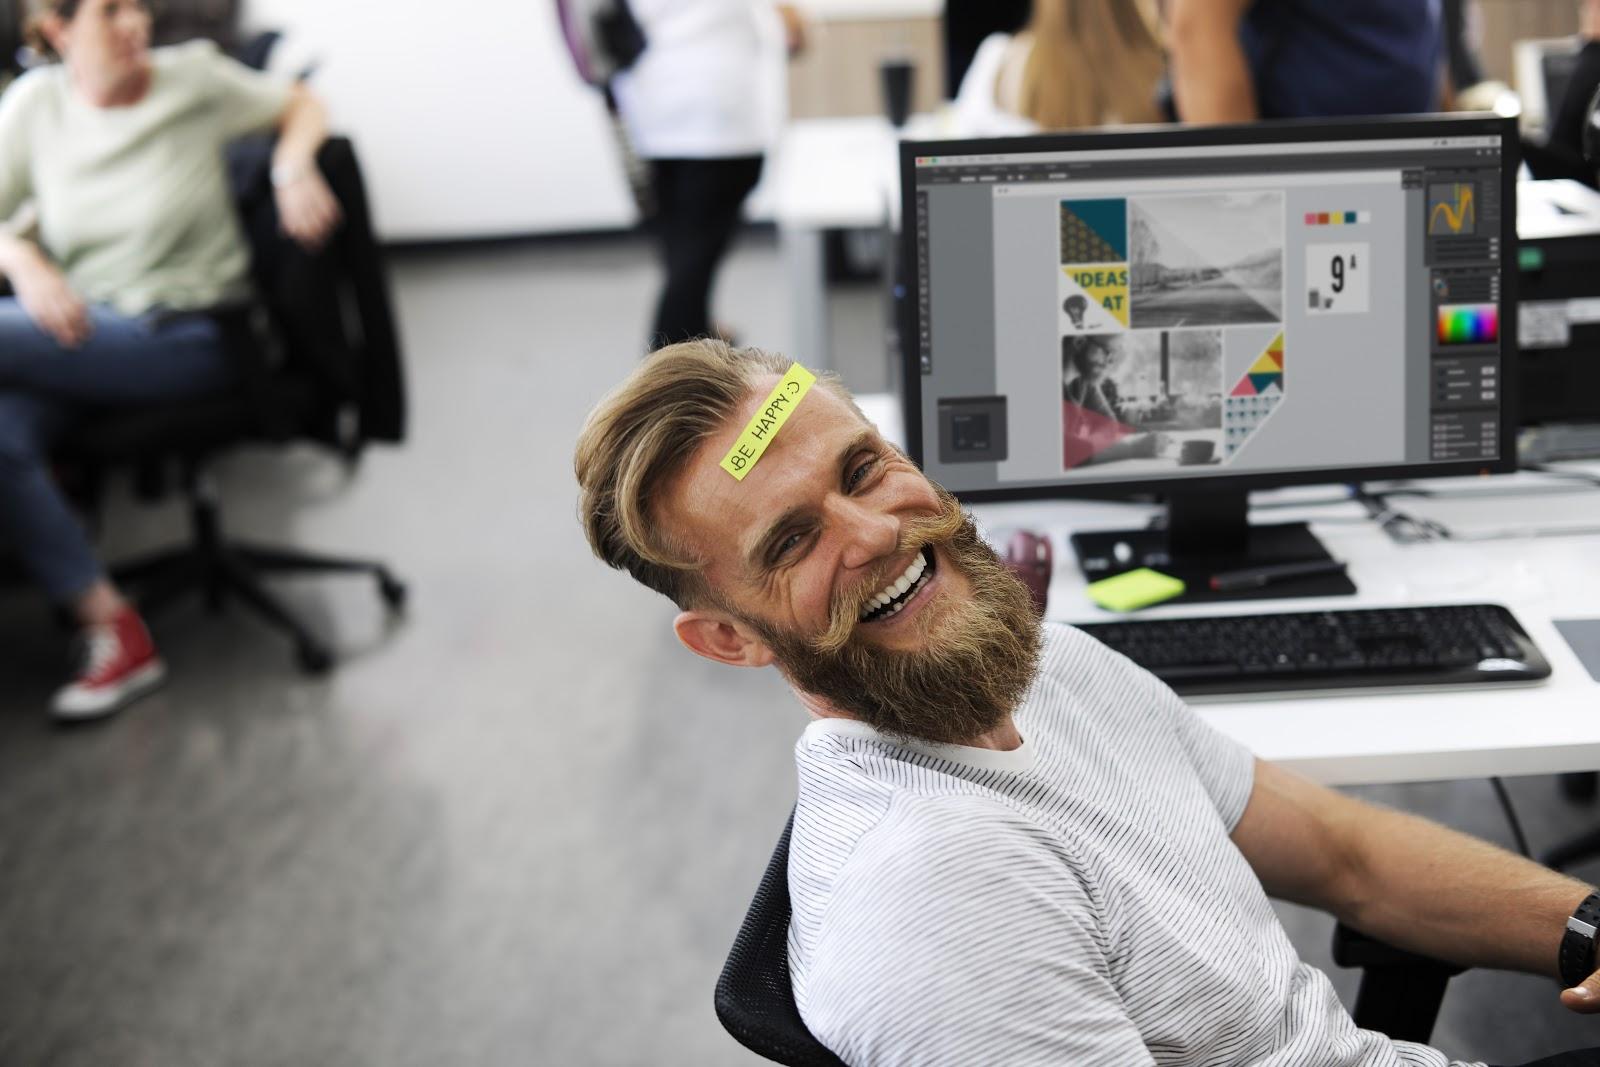 """Imagem de um homem jovem, feliz, com um post-it escrito """"be happy"""" em sua testa, sentado lateralmente de frente para um computador demonstrando que o investimento em o que é SQL aumenta a produtividade de seus colaboradores"""